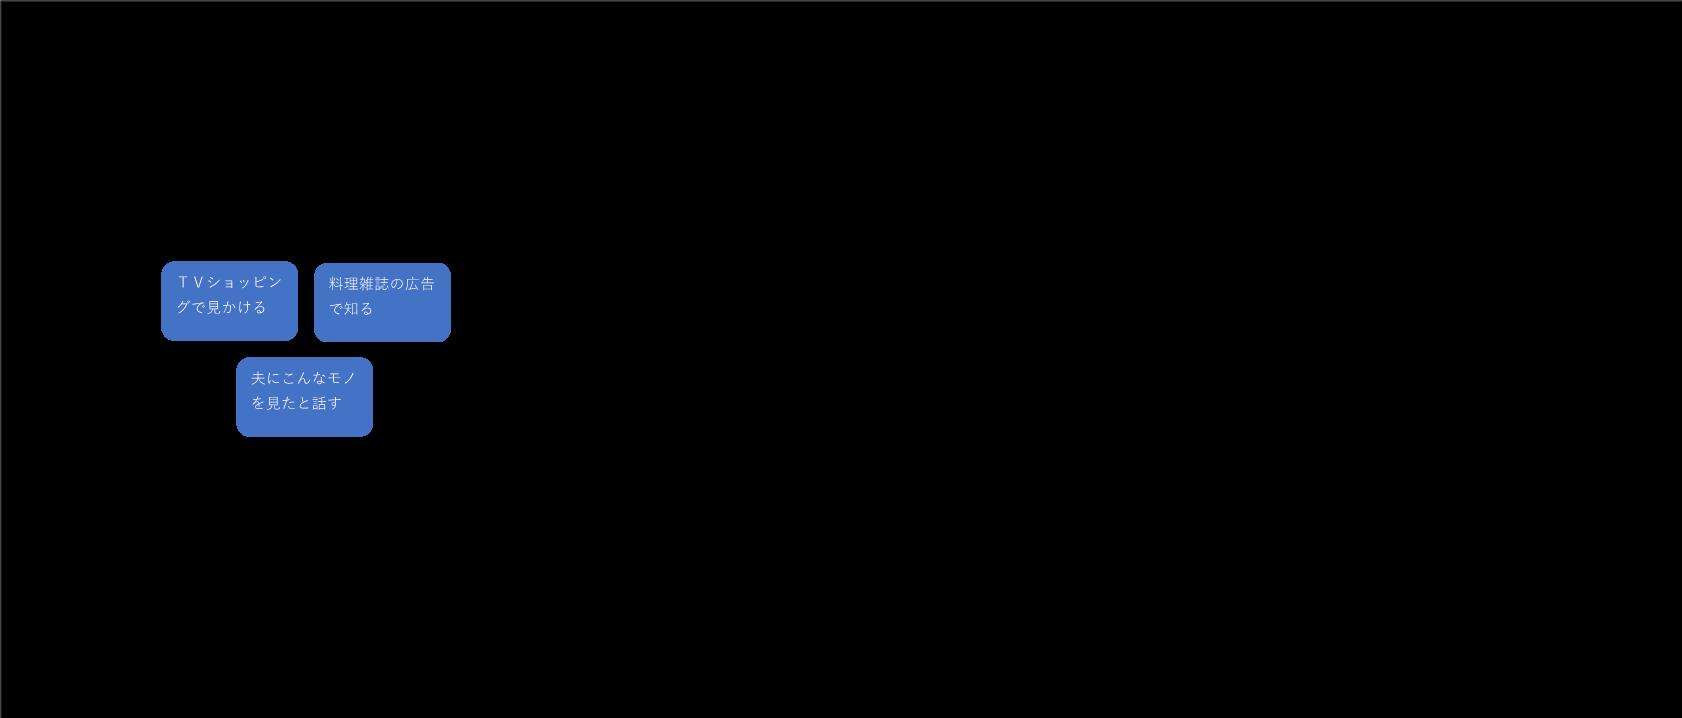 カスタマージャーマップの記入例1